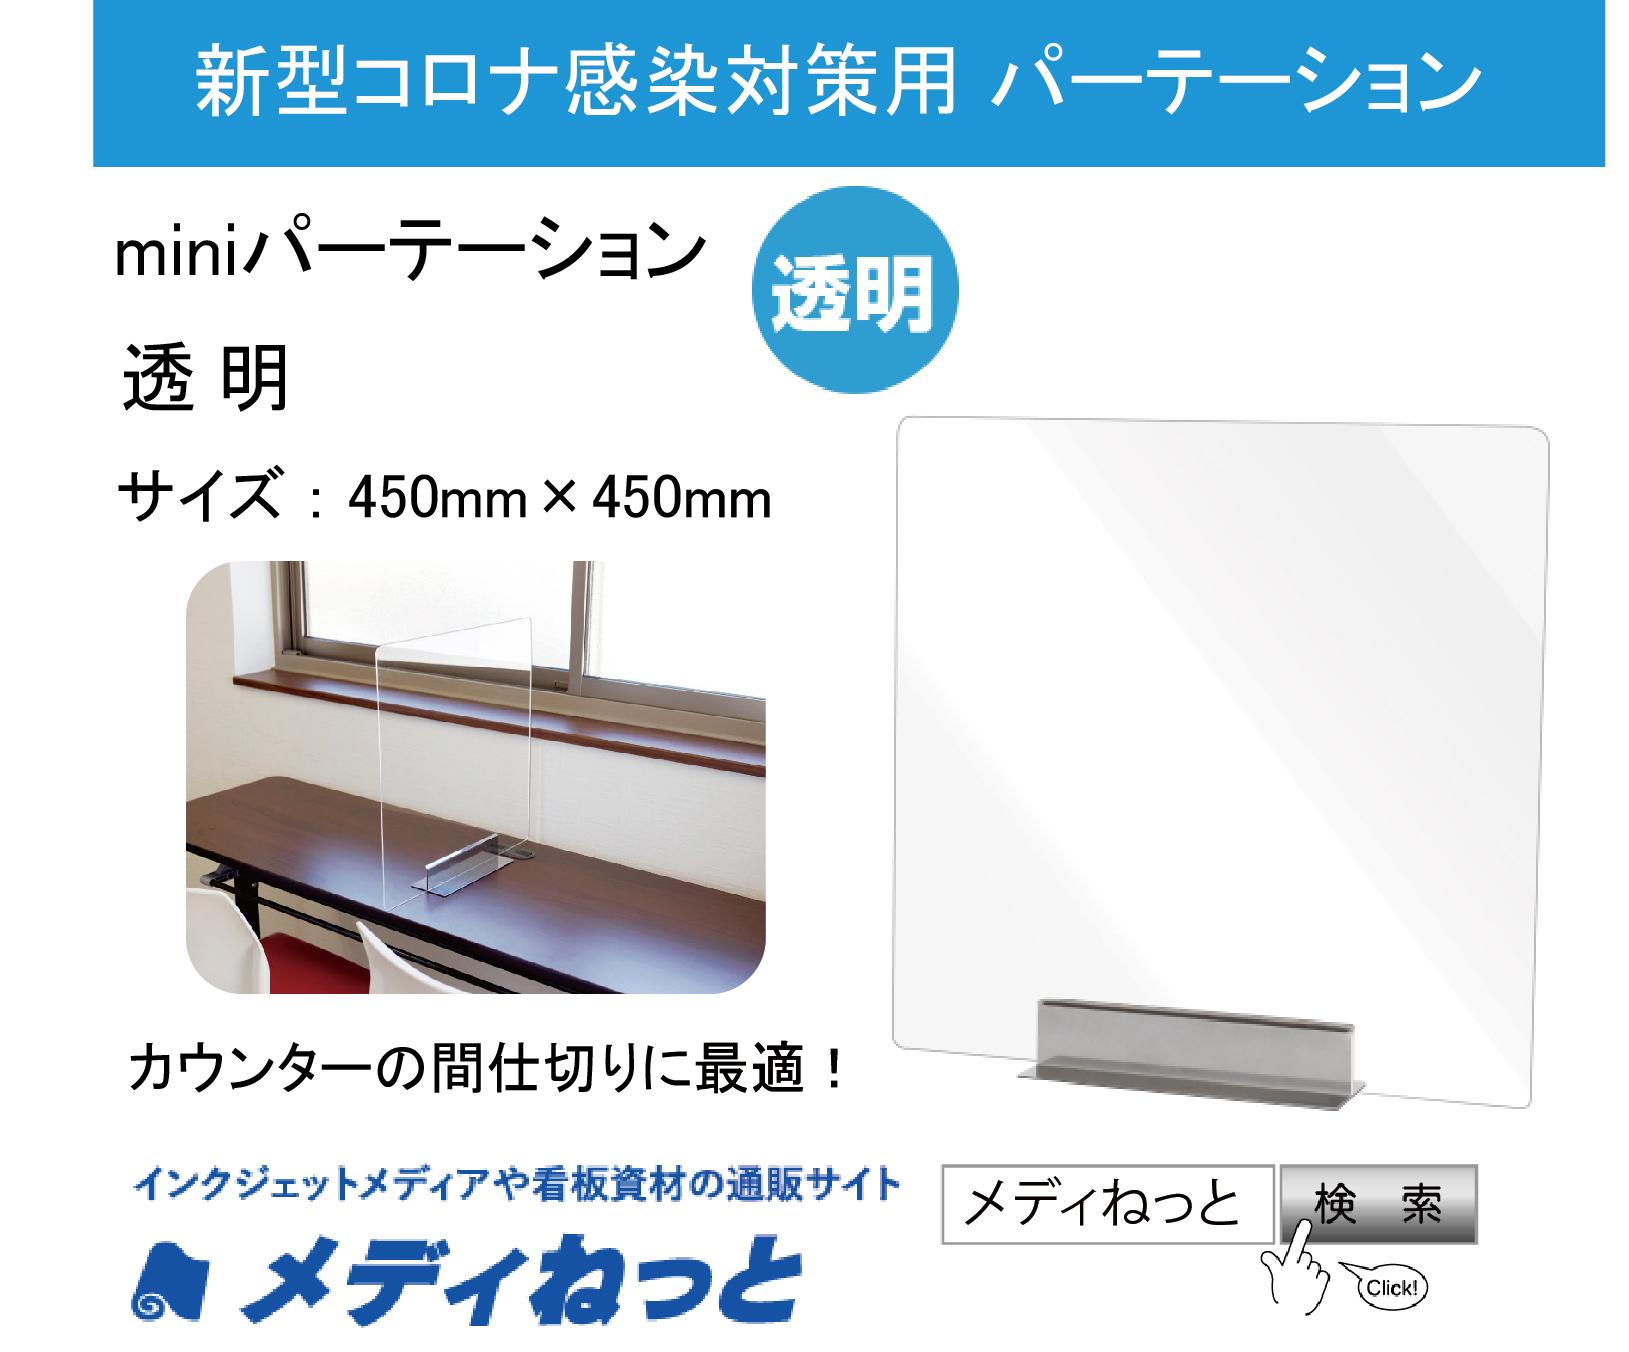 【飛沫感染予防バリア】miniパーテーション 450×450 透明